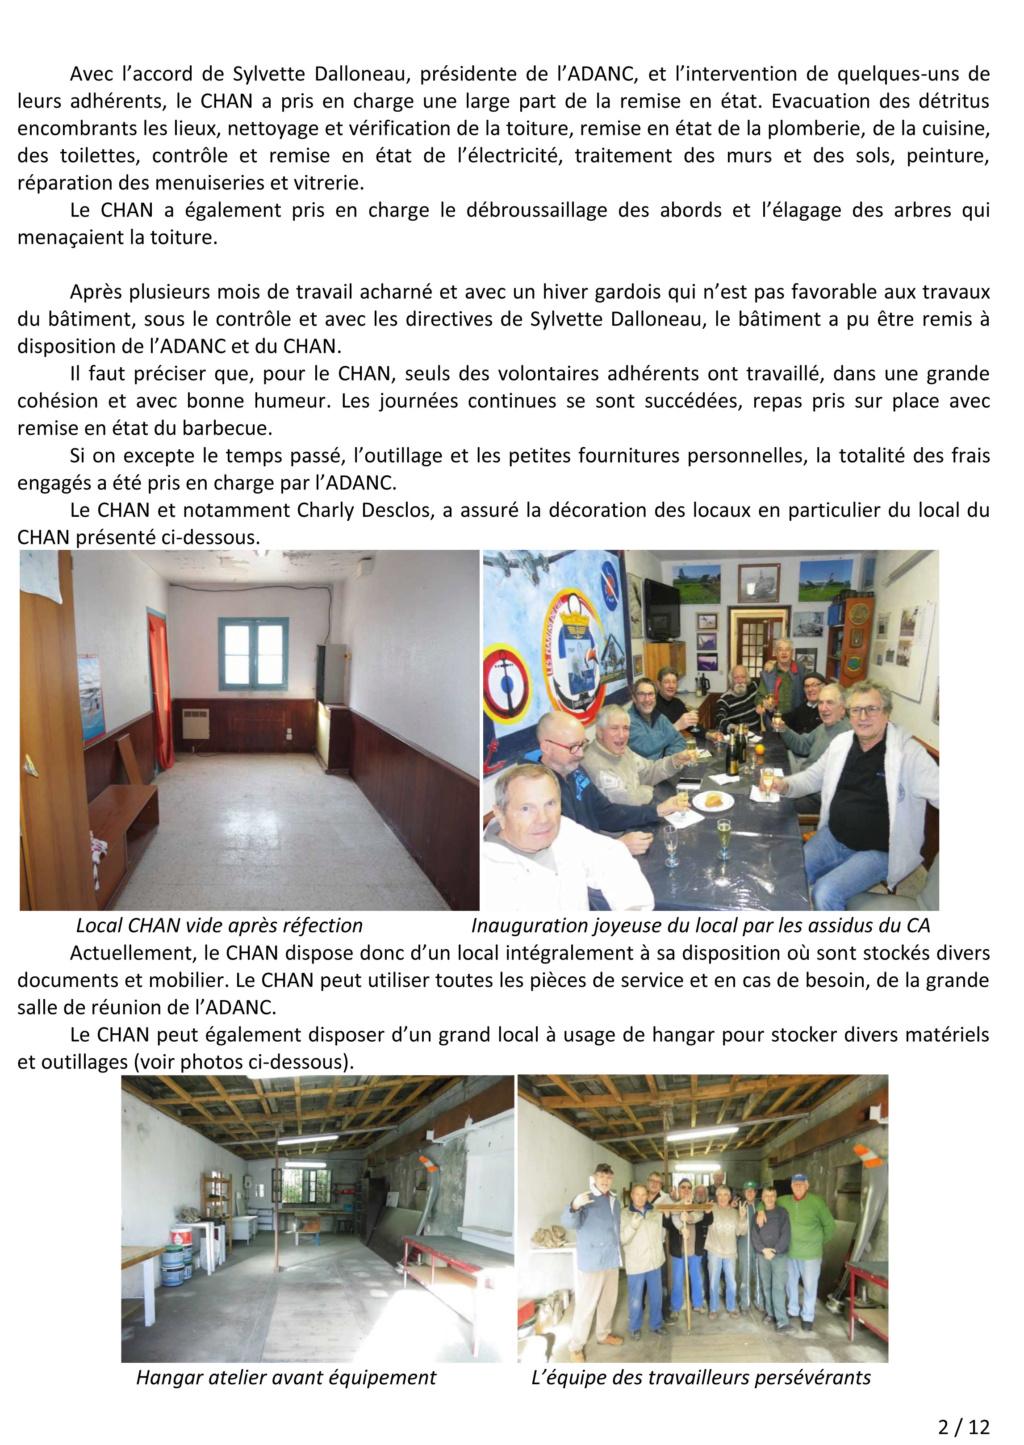 [Associations anciens marins] C.H.A.N.-Nîmes (Conservatoire Historique de l'Aéronavale-Nîmes) - Page 5 2018_011